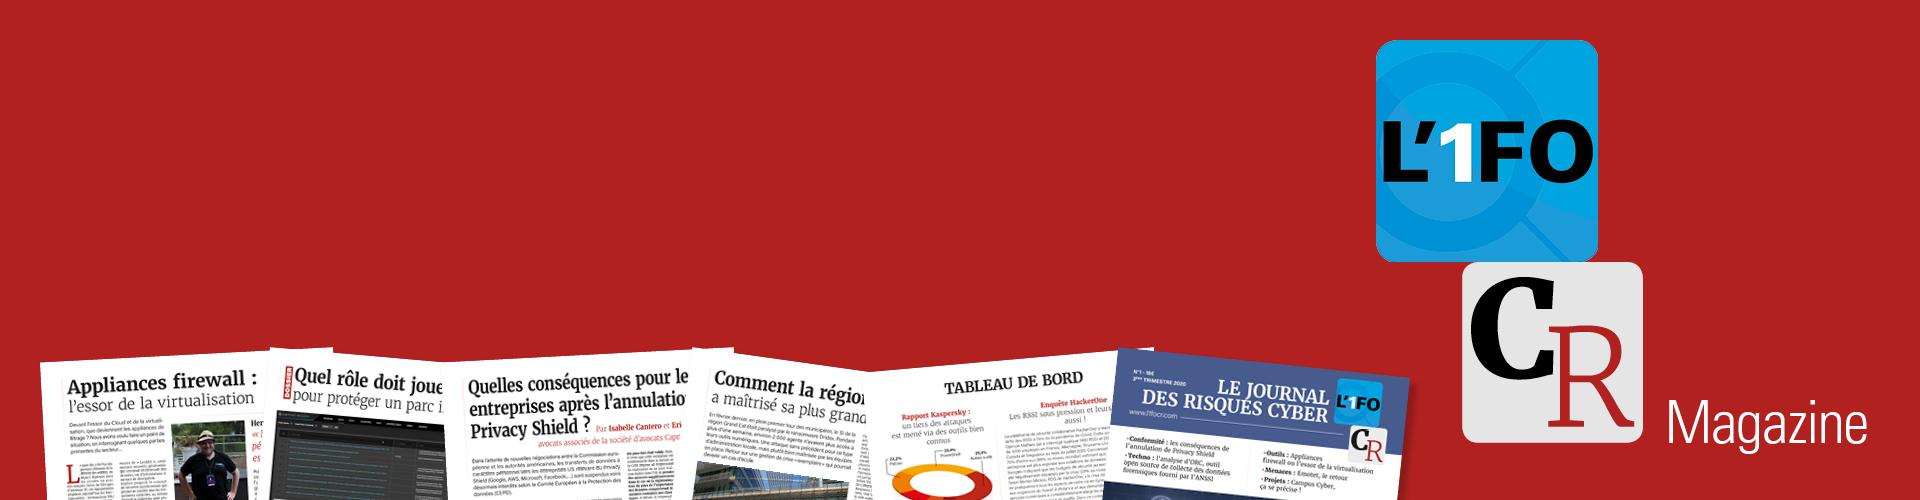 L\'1FO-CR Le journal des risques cyber